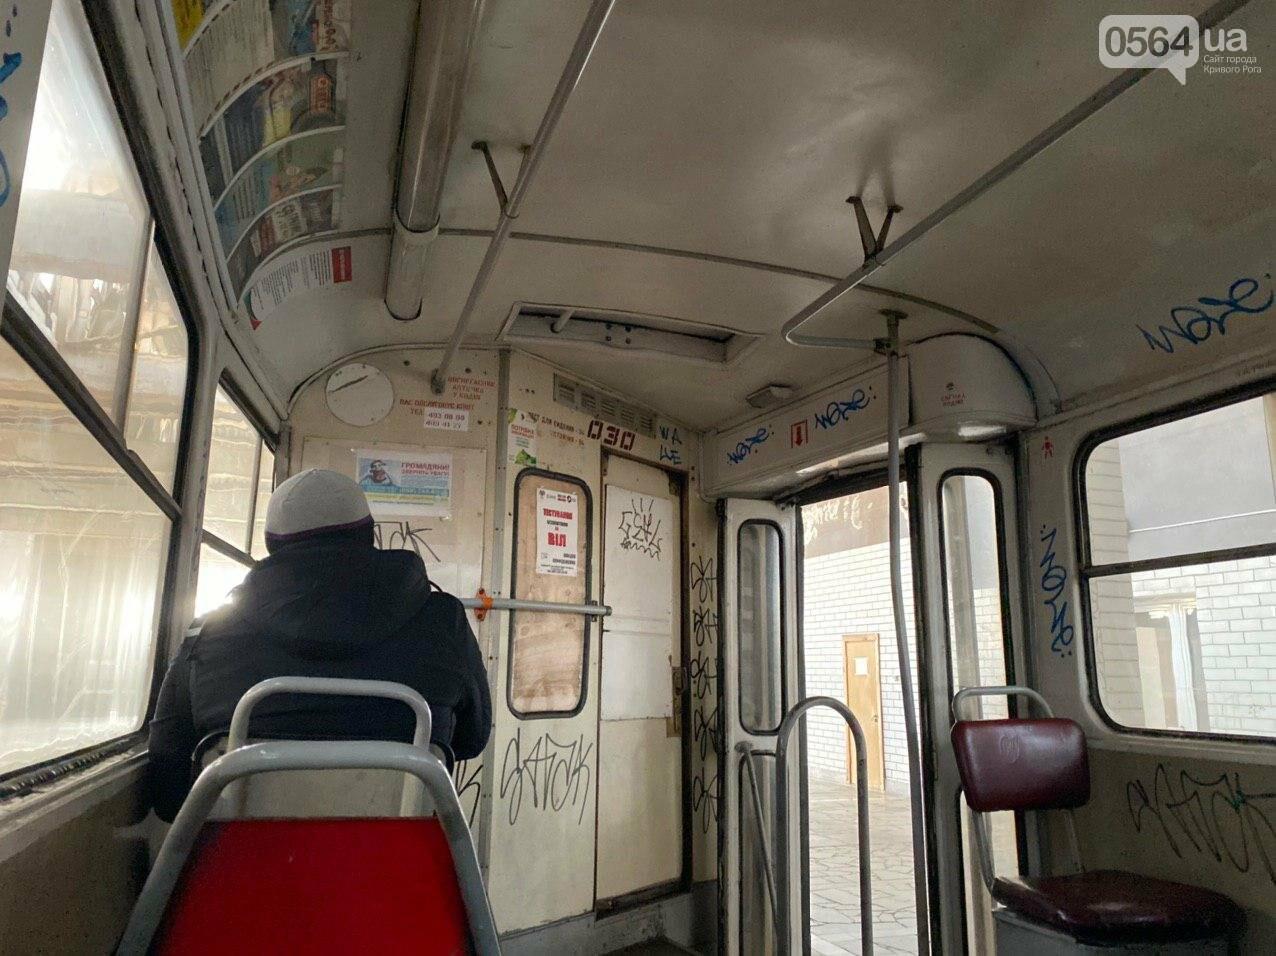 В Кривом Роге полностью остановилось движение скоростного трамвая, - ФОТО , фото-3